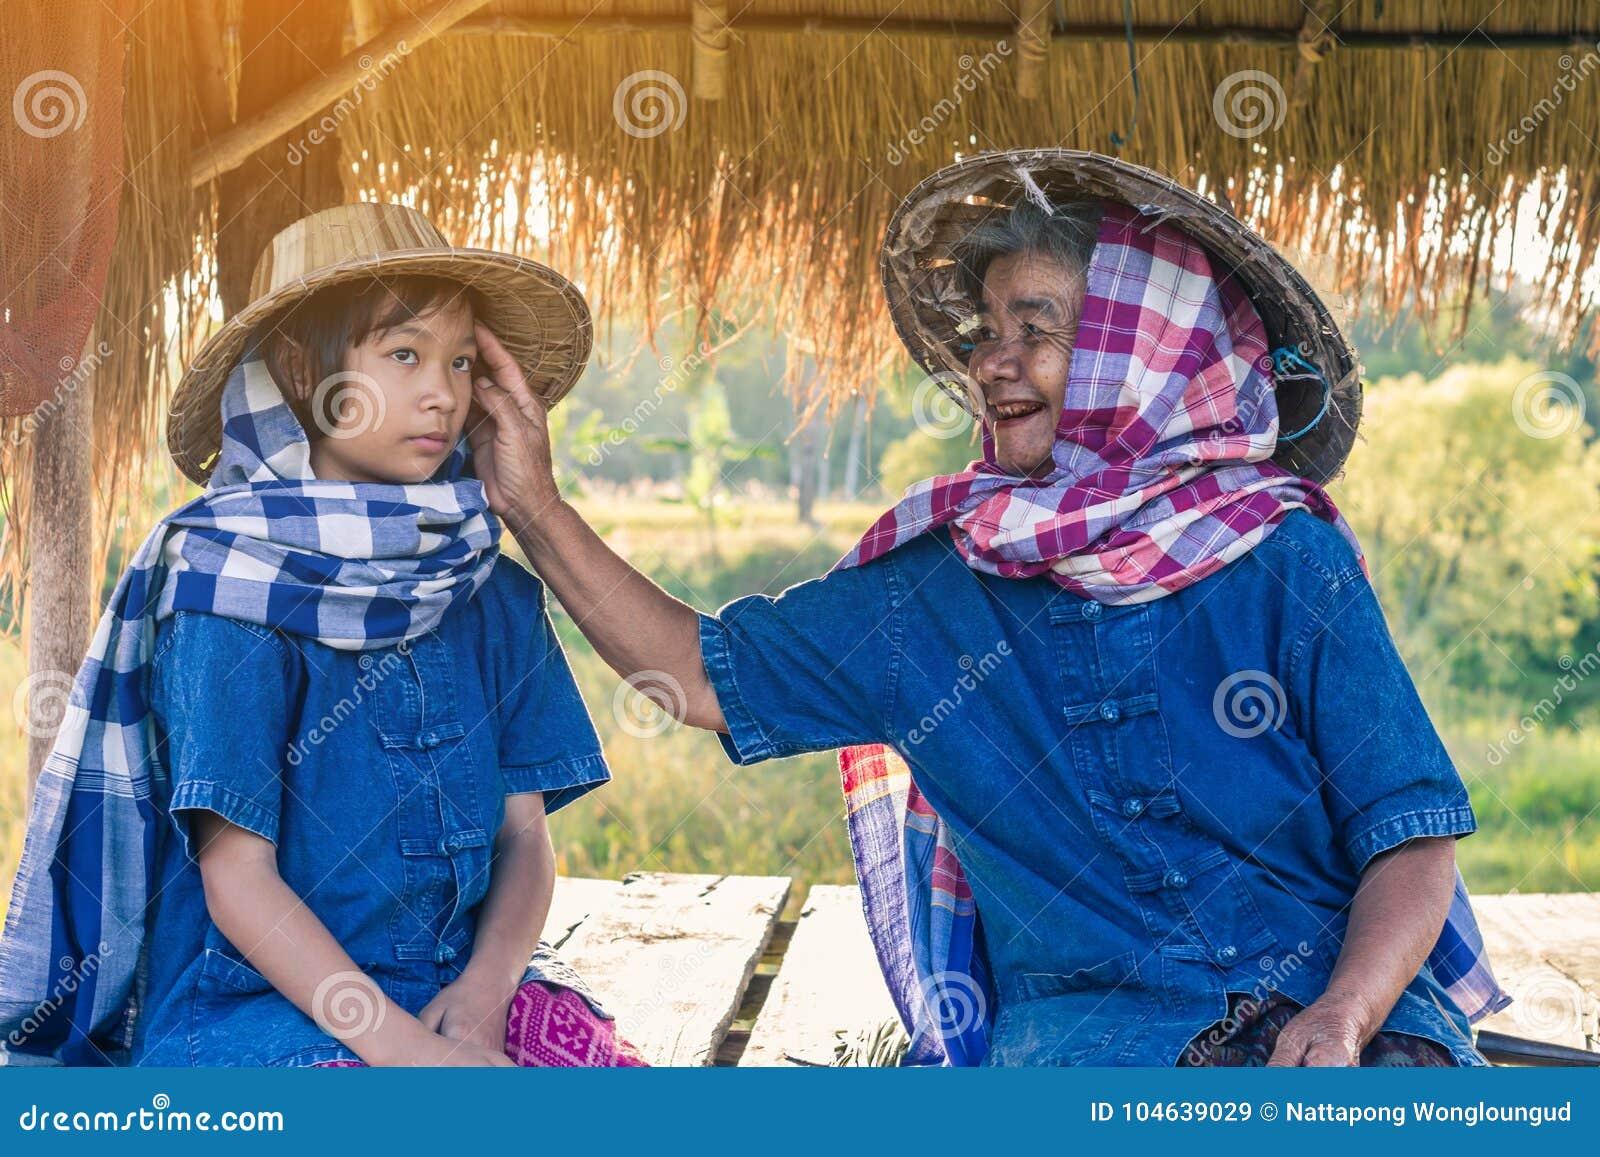 Download Grootmoeder En Landbouwersnicht Met Rijstoogst Stock Afbeelding - Afbeelding bestaande uit glimlach, patroon: 104639029